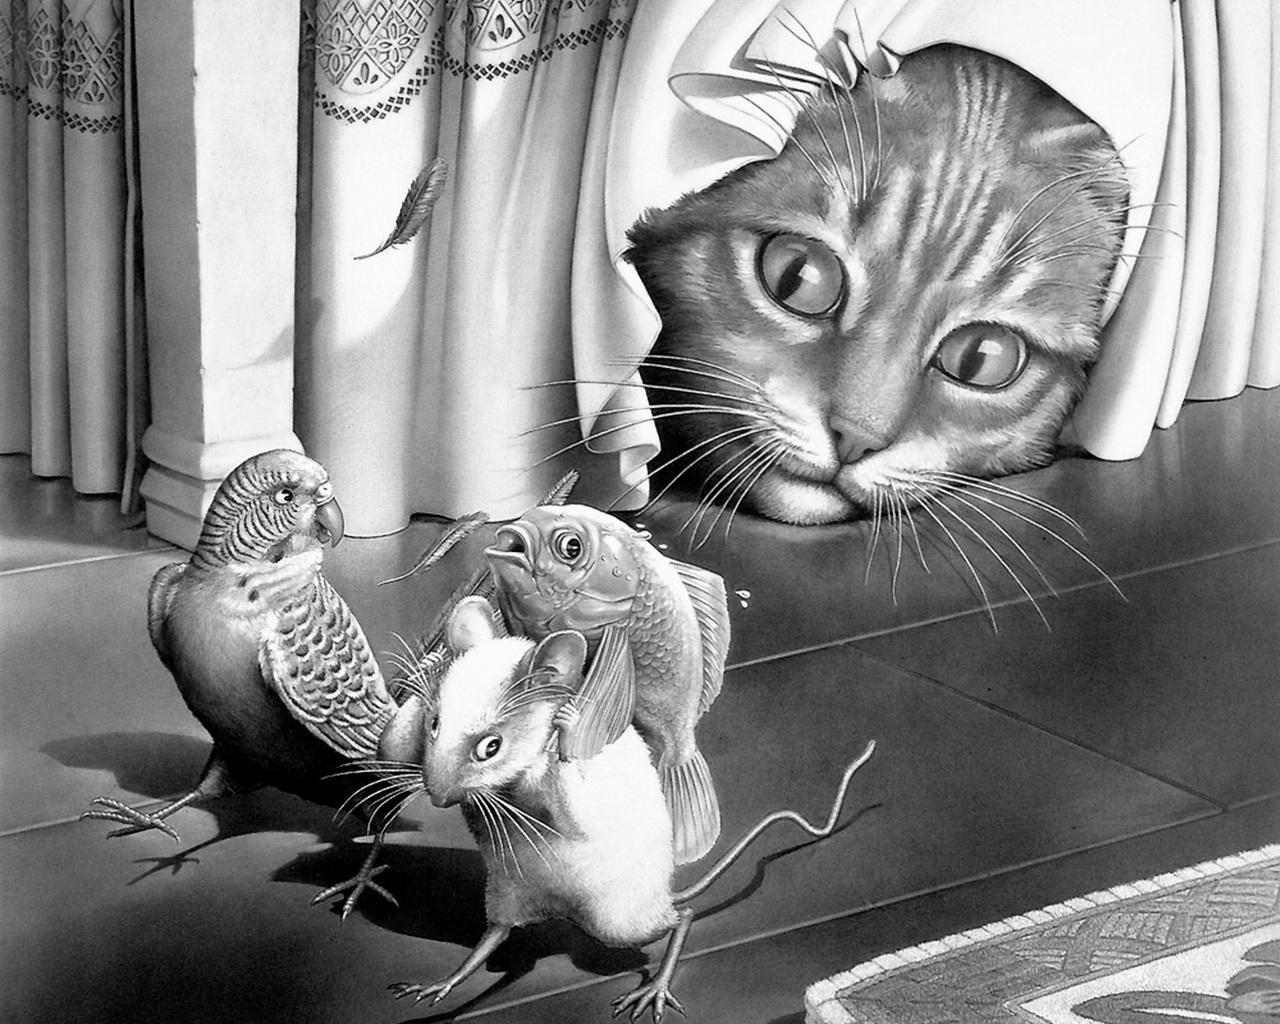 11128 Заставки и Обои Рыбы на телефон. Скачать Животные, Кошки (Коты, Котики), Мыши, Рыбы, Рисунки картинки бесплатно